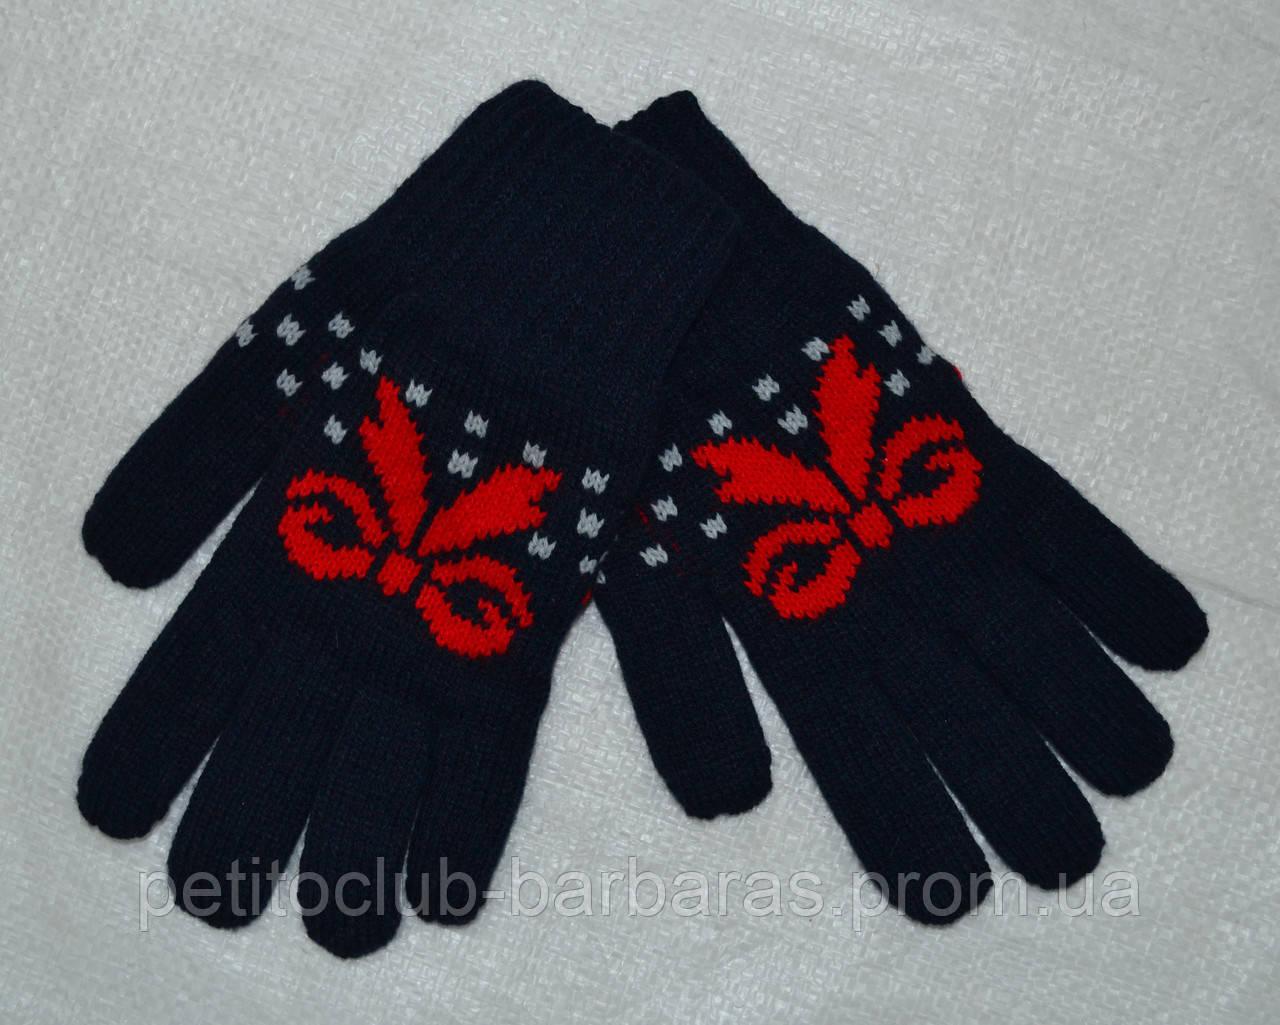 Рукавички з флісовою підкладкою для дівчинки Vanessa темно-сині (MargotBis, Польща)